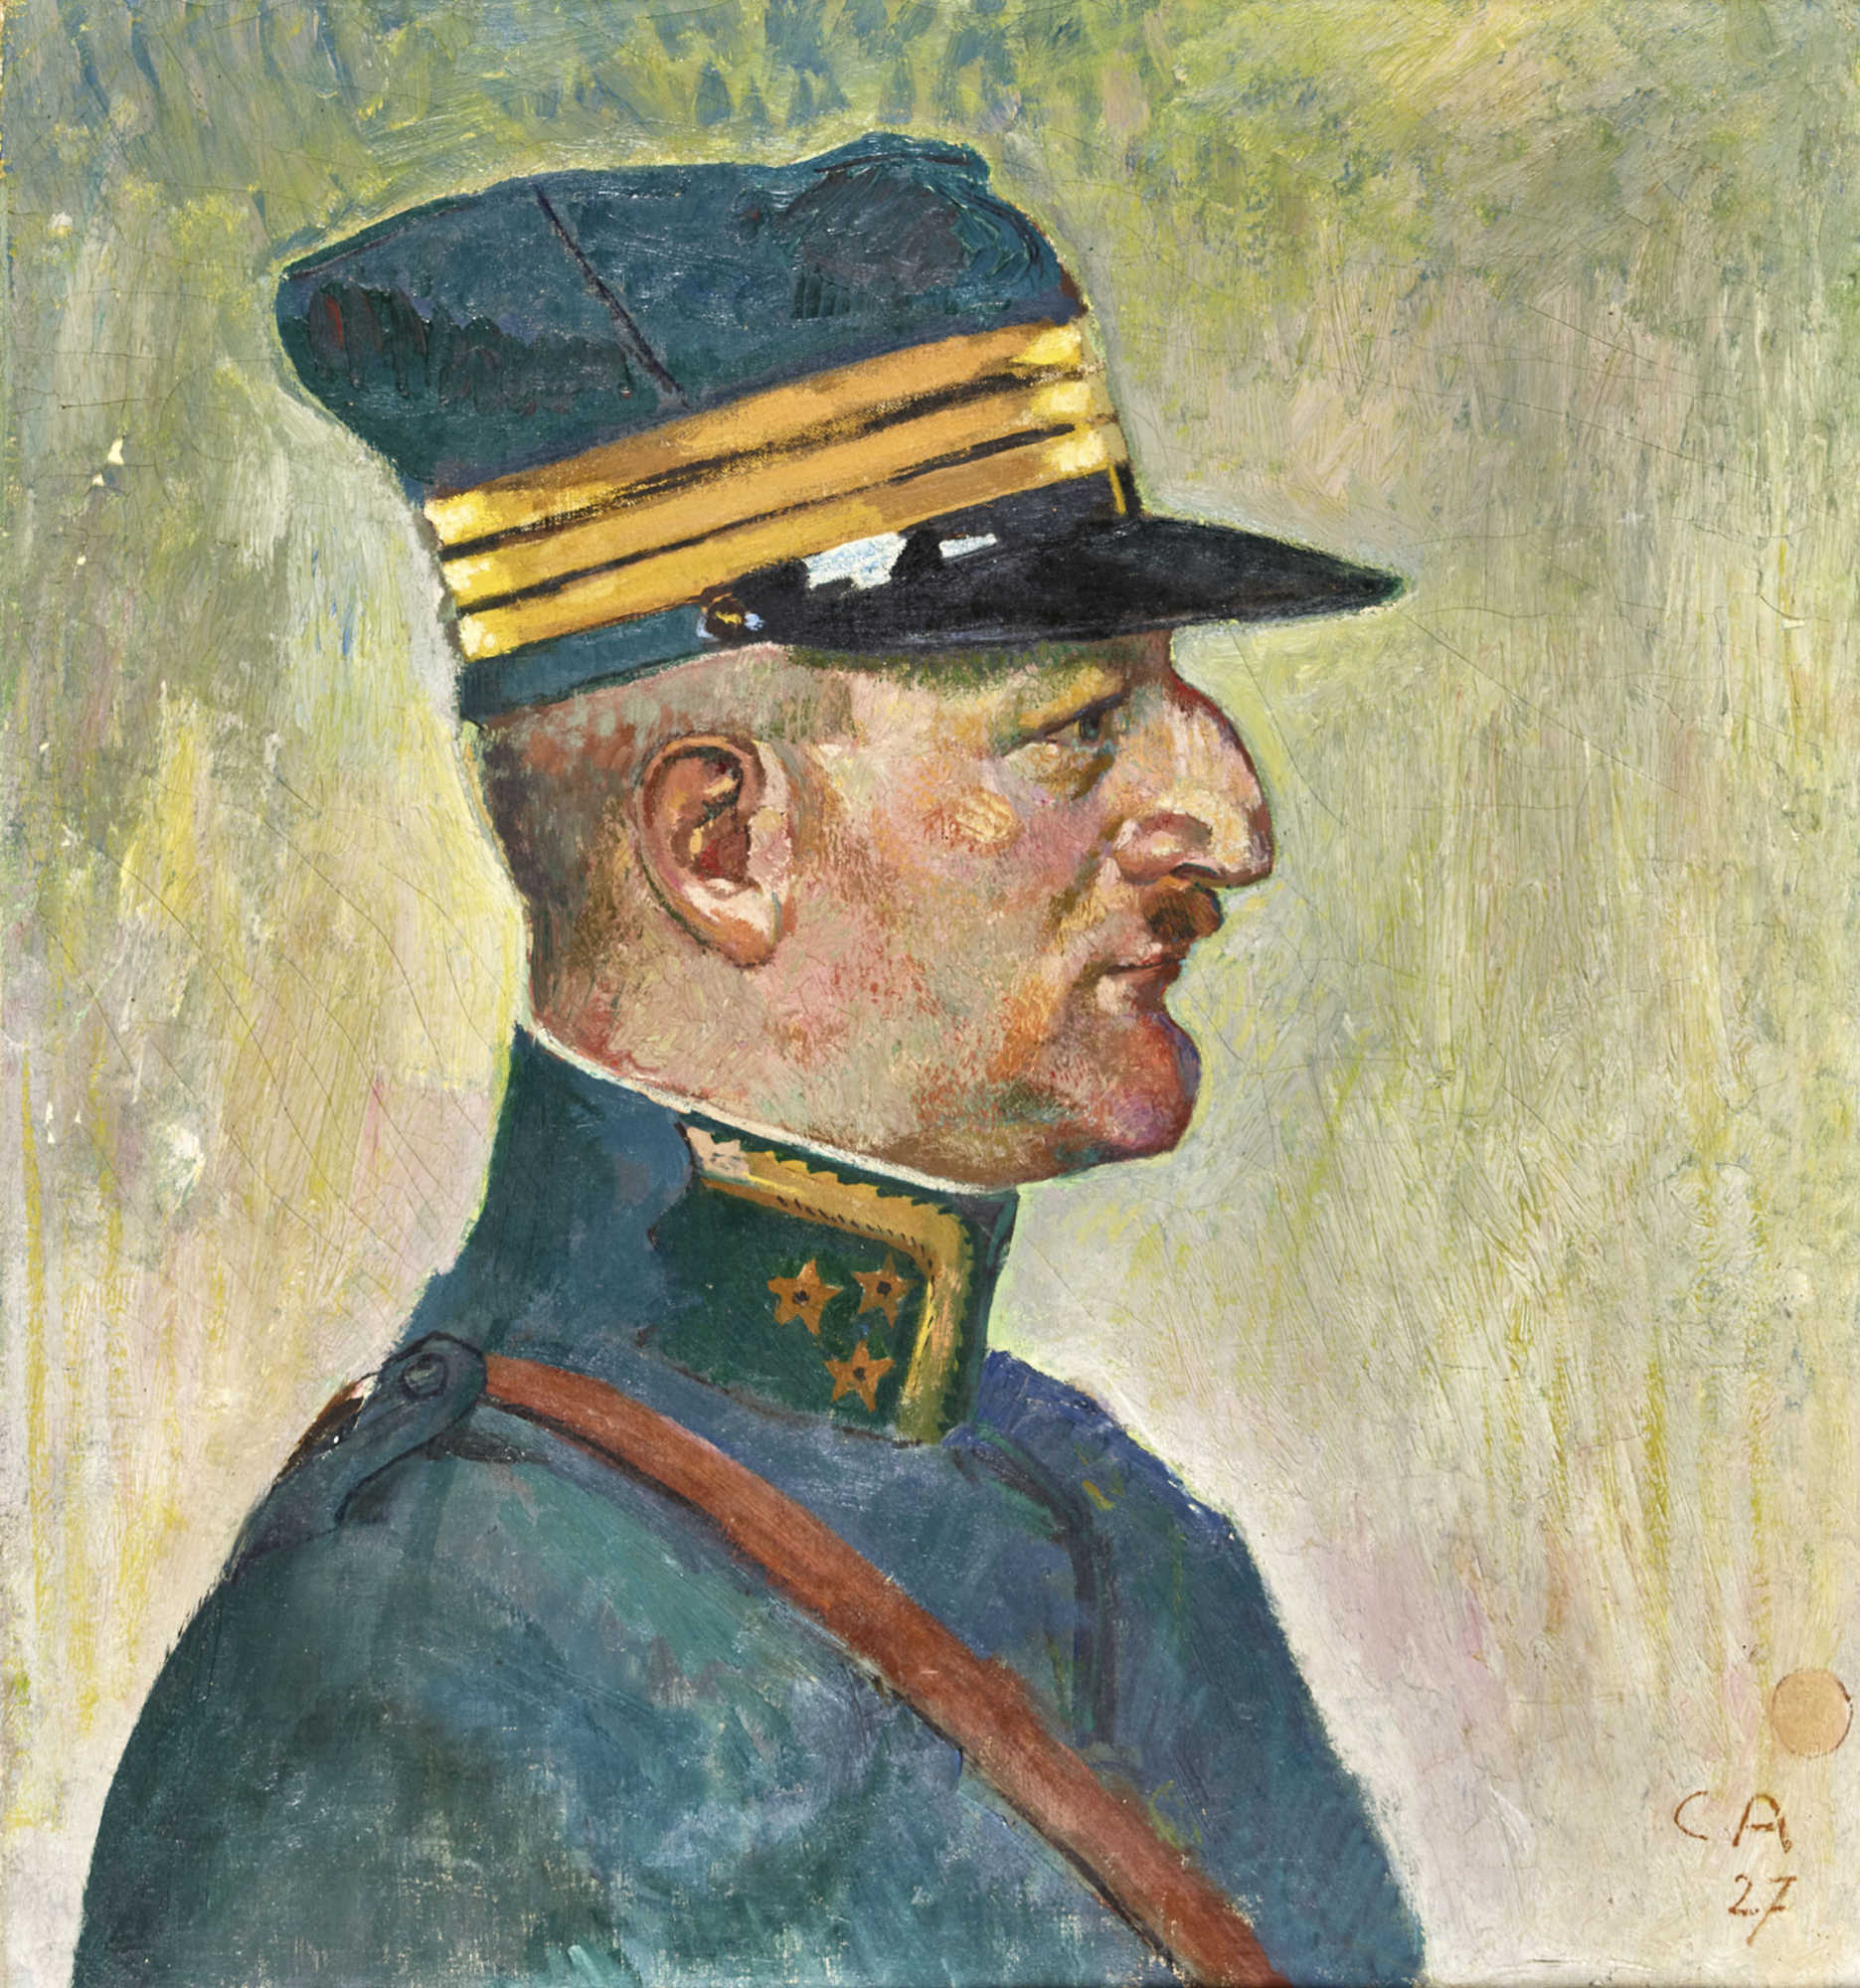 Lot 60 - AMIET, CUNOSolothurn 1868 - 1961 OschwandBildnis eines Offiziers.Öl auf Leinwand,mgr. u. dat. (19)27